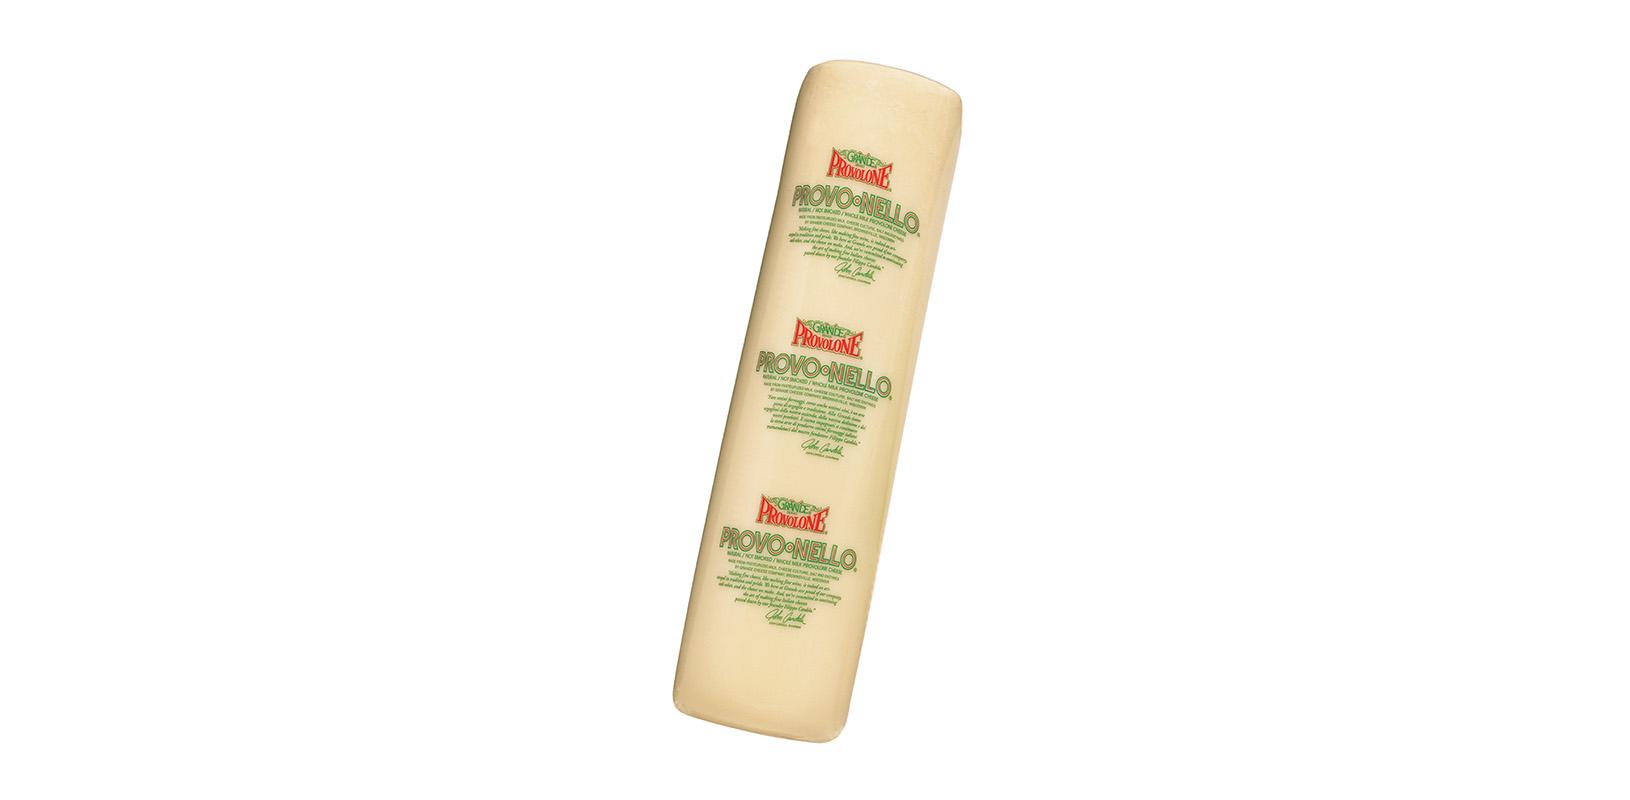 Provo-Nello Provolone Cheese